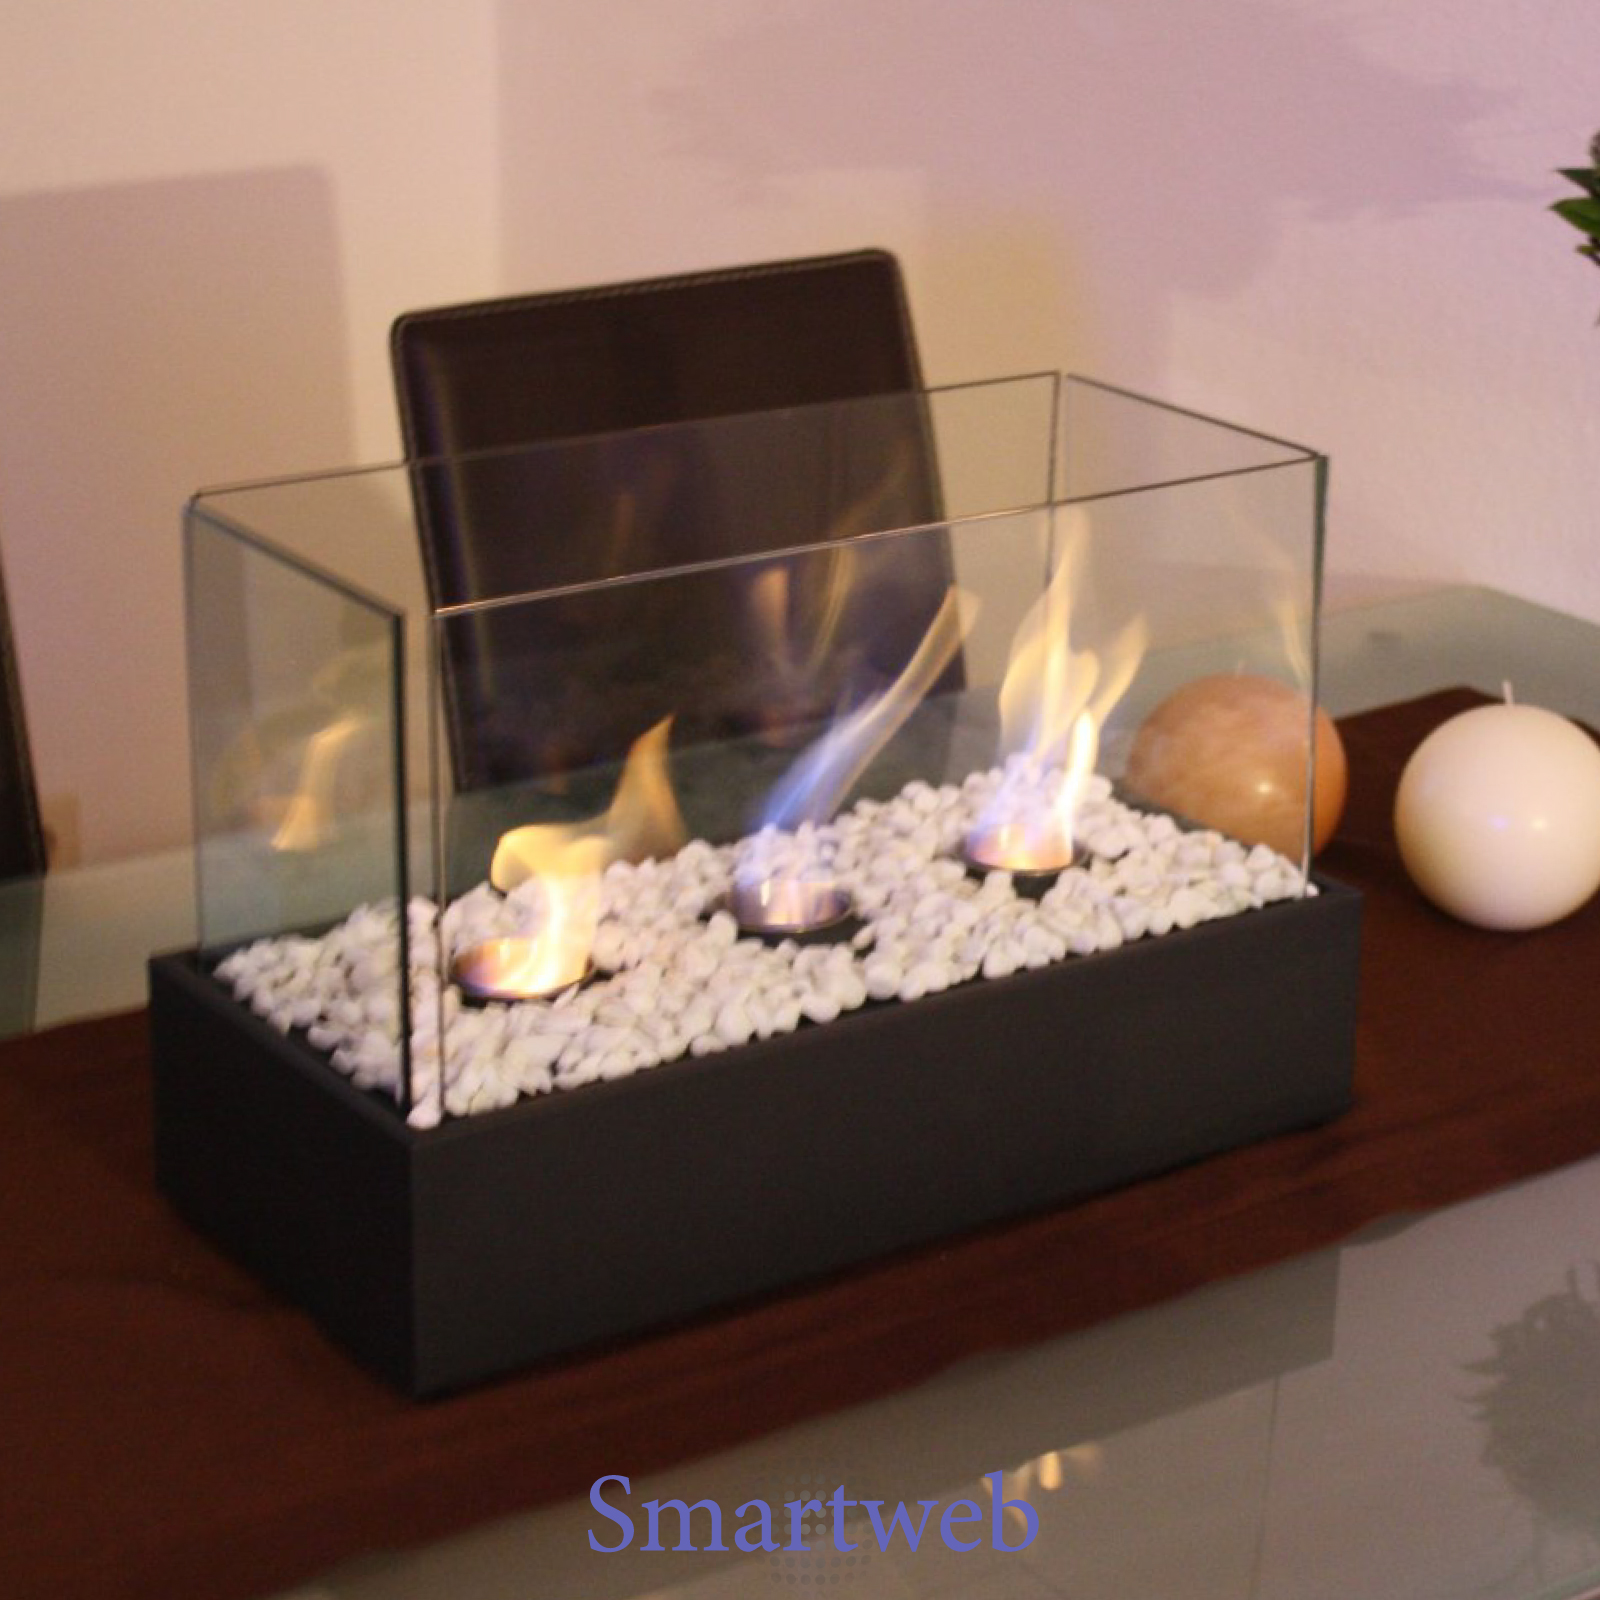 b ware bio ethanol kamin tischkamin gelkamin tischfeuer tischdeko geschenkidee ebay. Black Bedroom Furniture Sets. Home Design Ideas